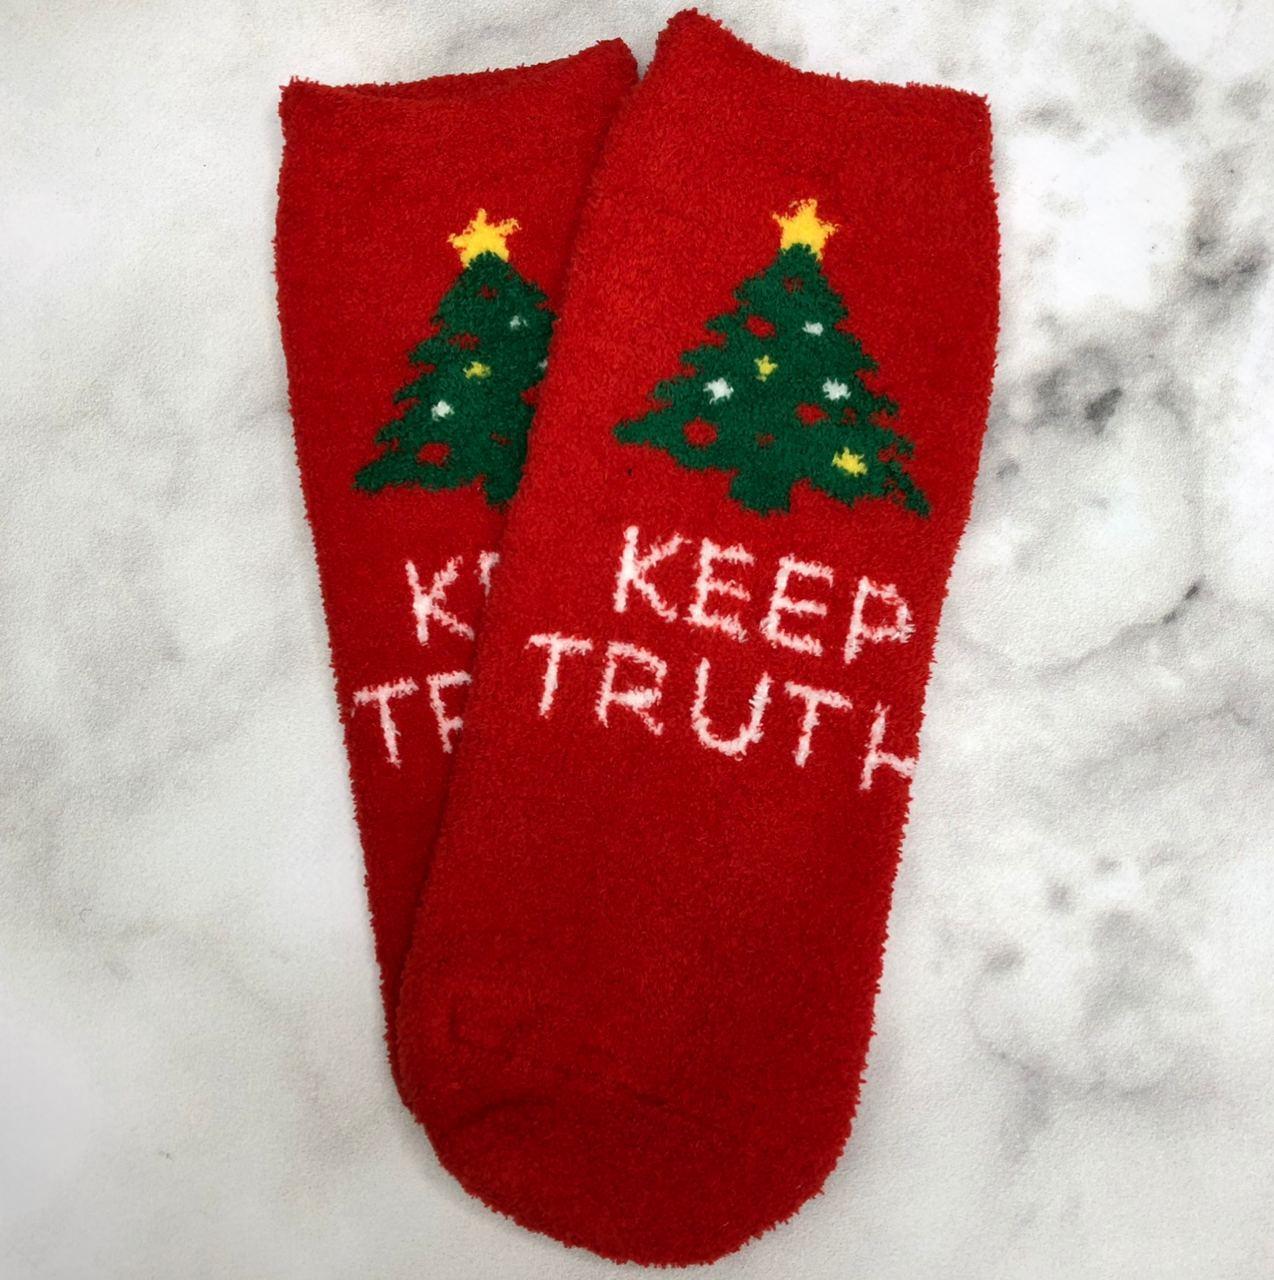 Носки Высокие Новогодние Женские Мужские Натали Махровые Новый Год Ёлка Keep Truth Красные 37-41